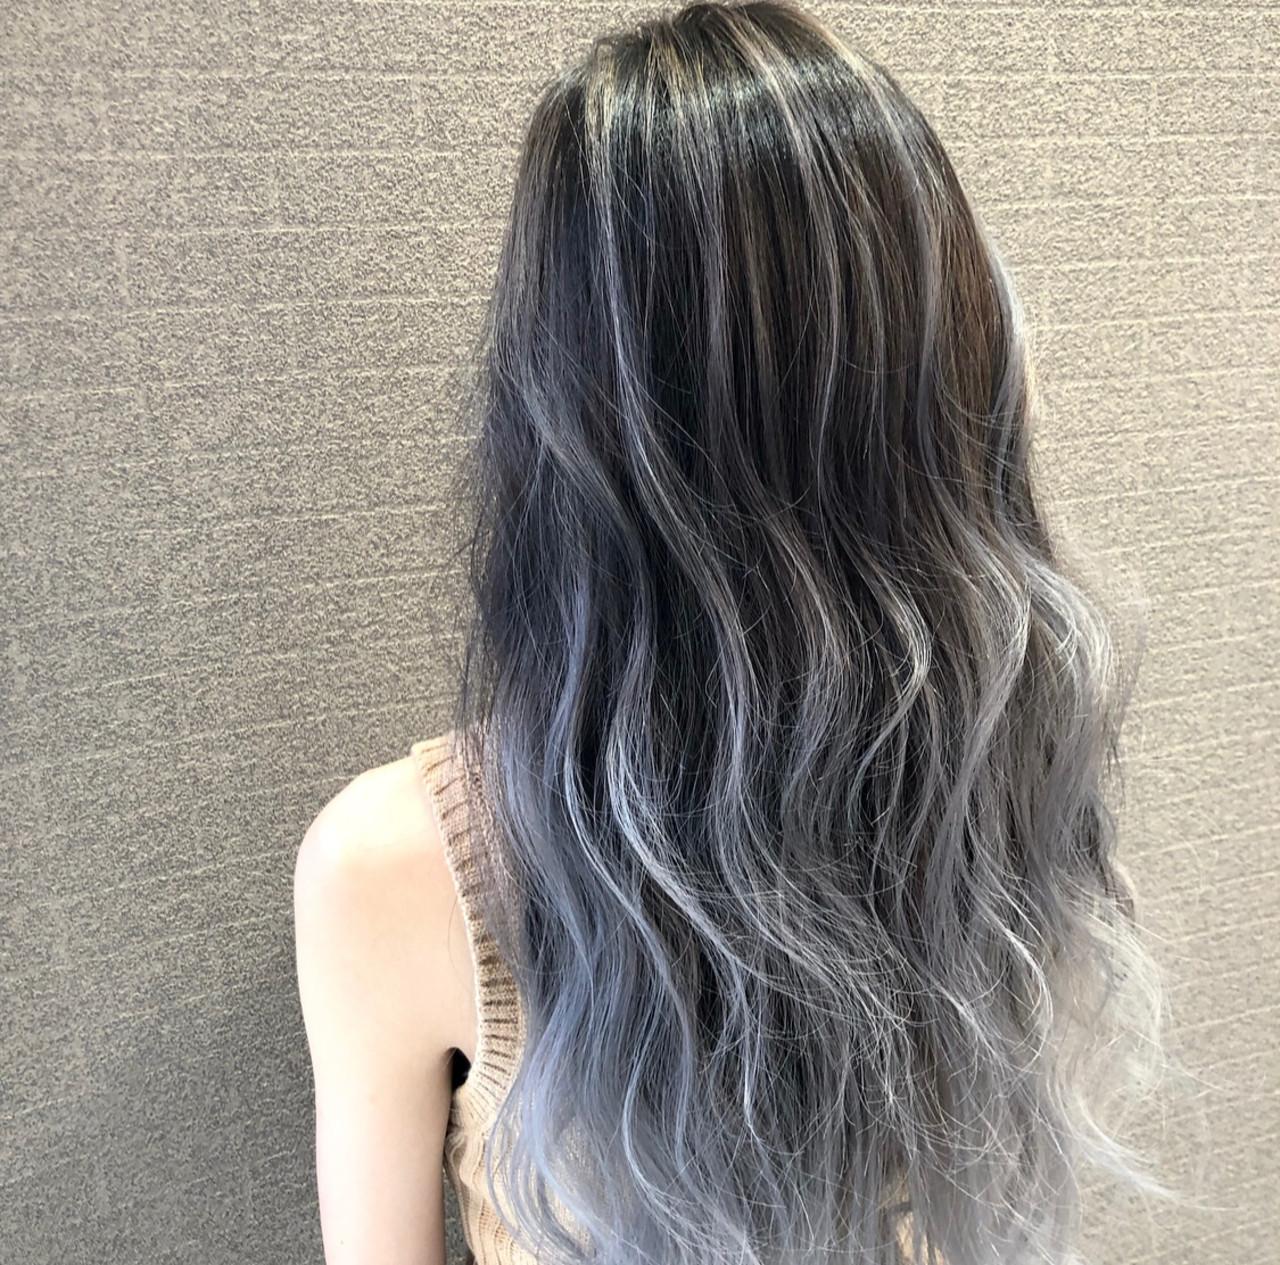 ロング 外国人風カラー 外国人風 ストリート ヘアスタイルや髪型の写真・画像 | アンドウ ユウ / Agu hair edge